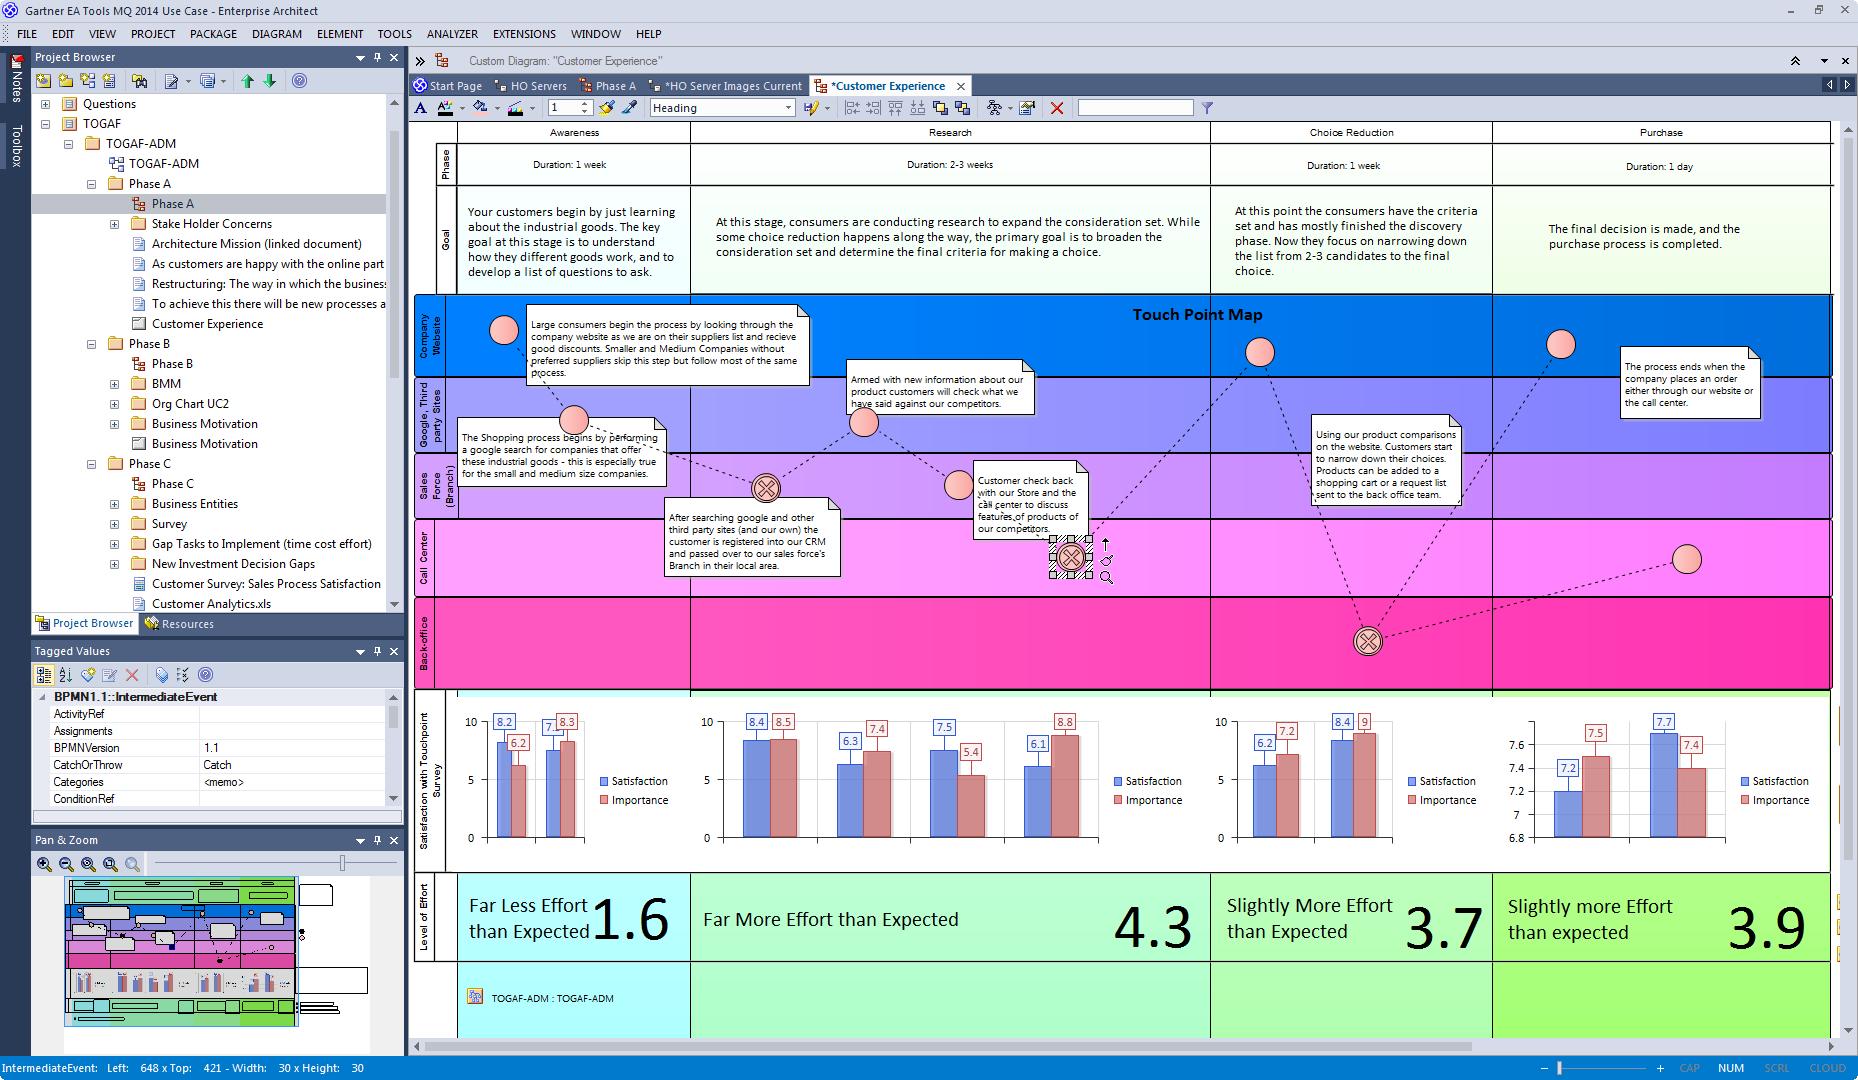 Enterprise architect the enterprise architecture solution for App for blueprints